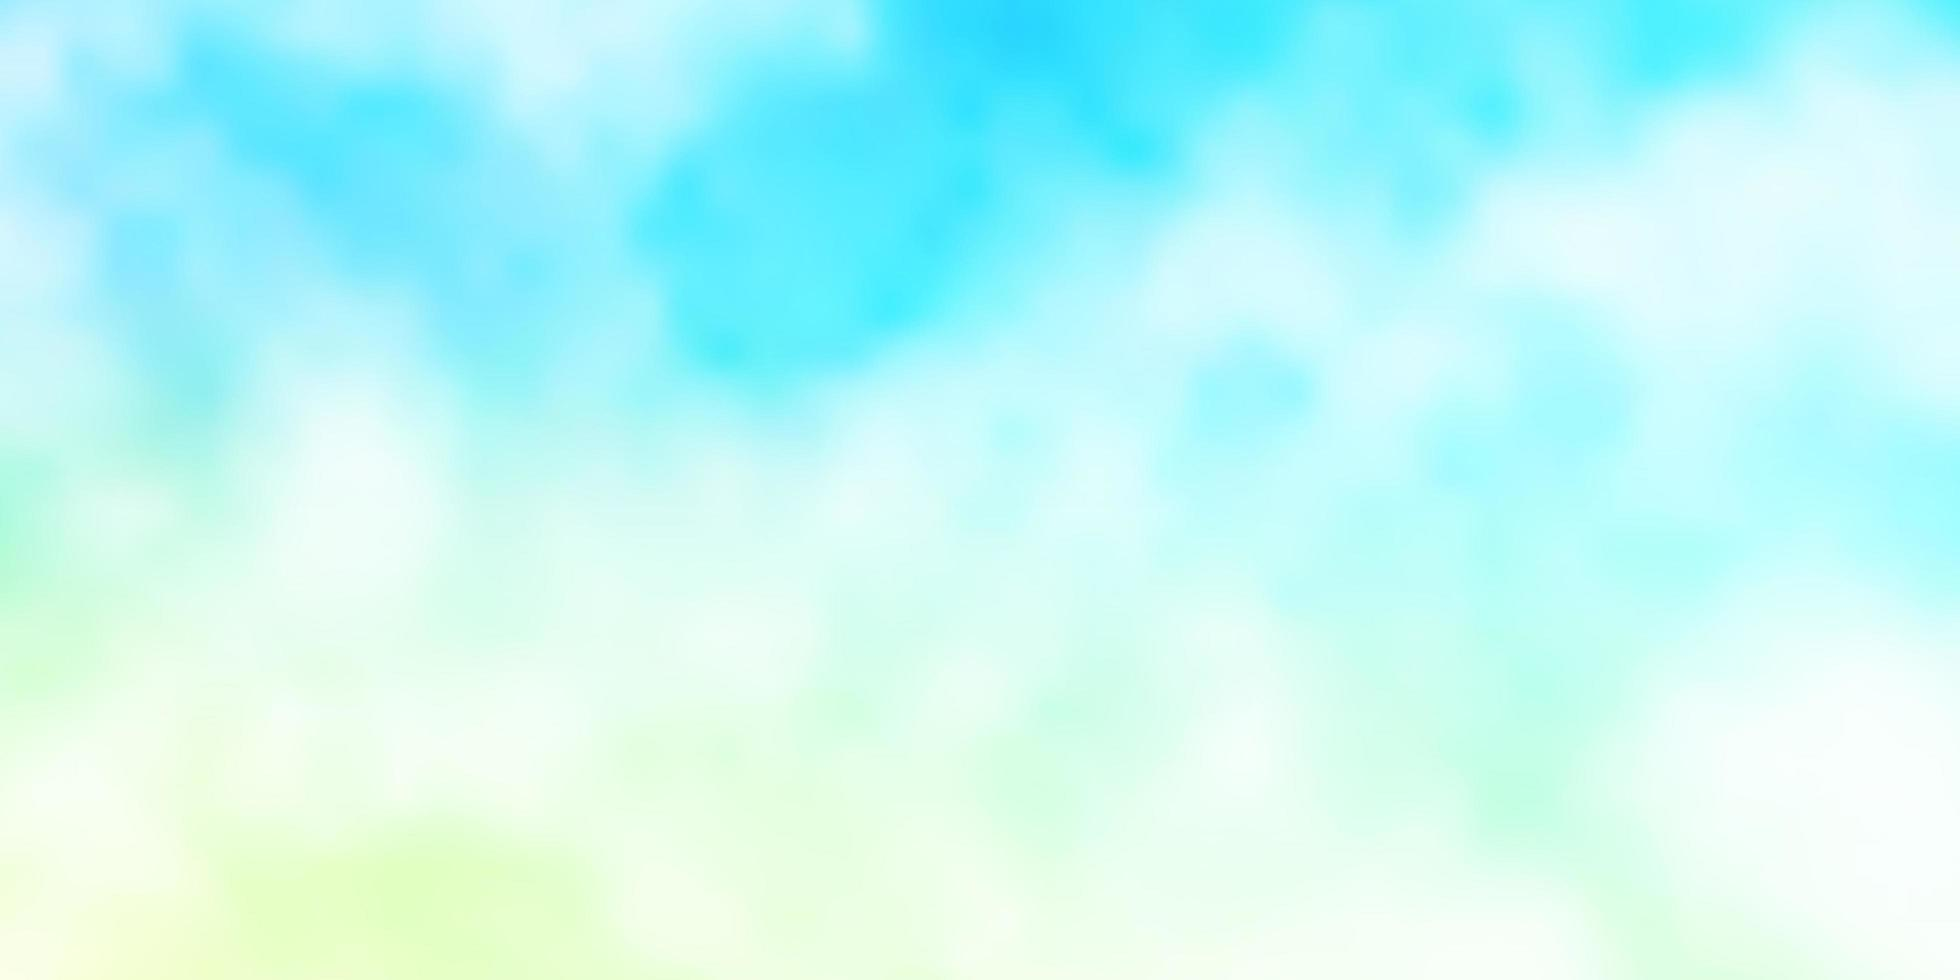 layout vettoriale azzurro, verde con annuvolato.